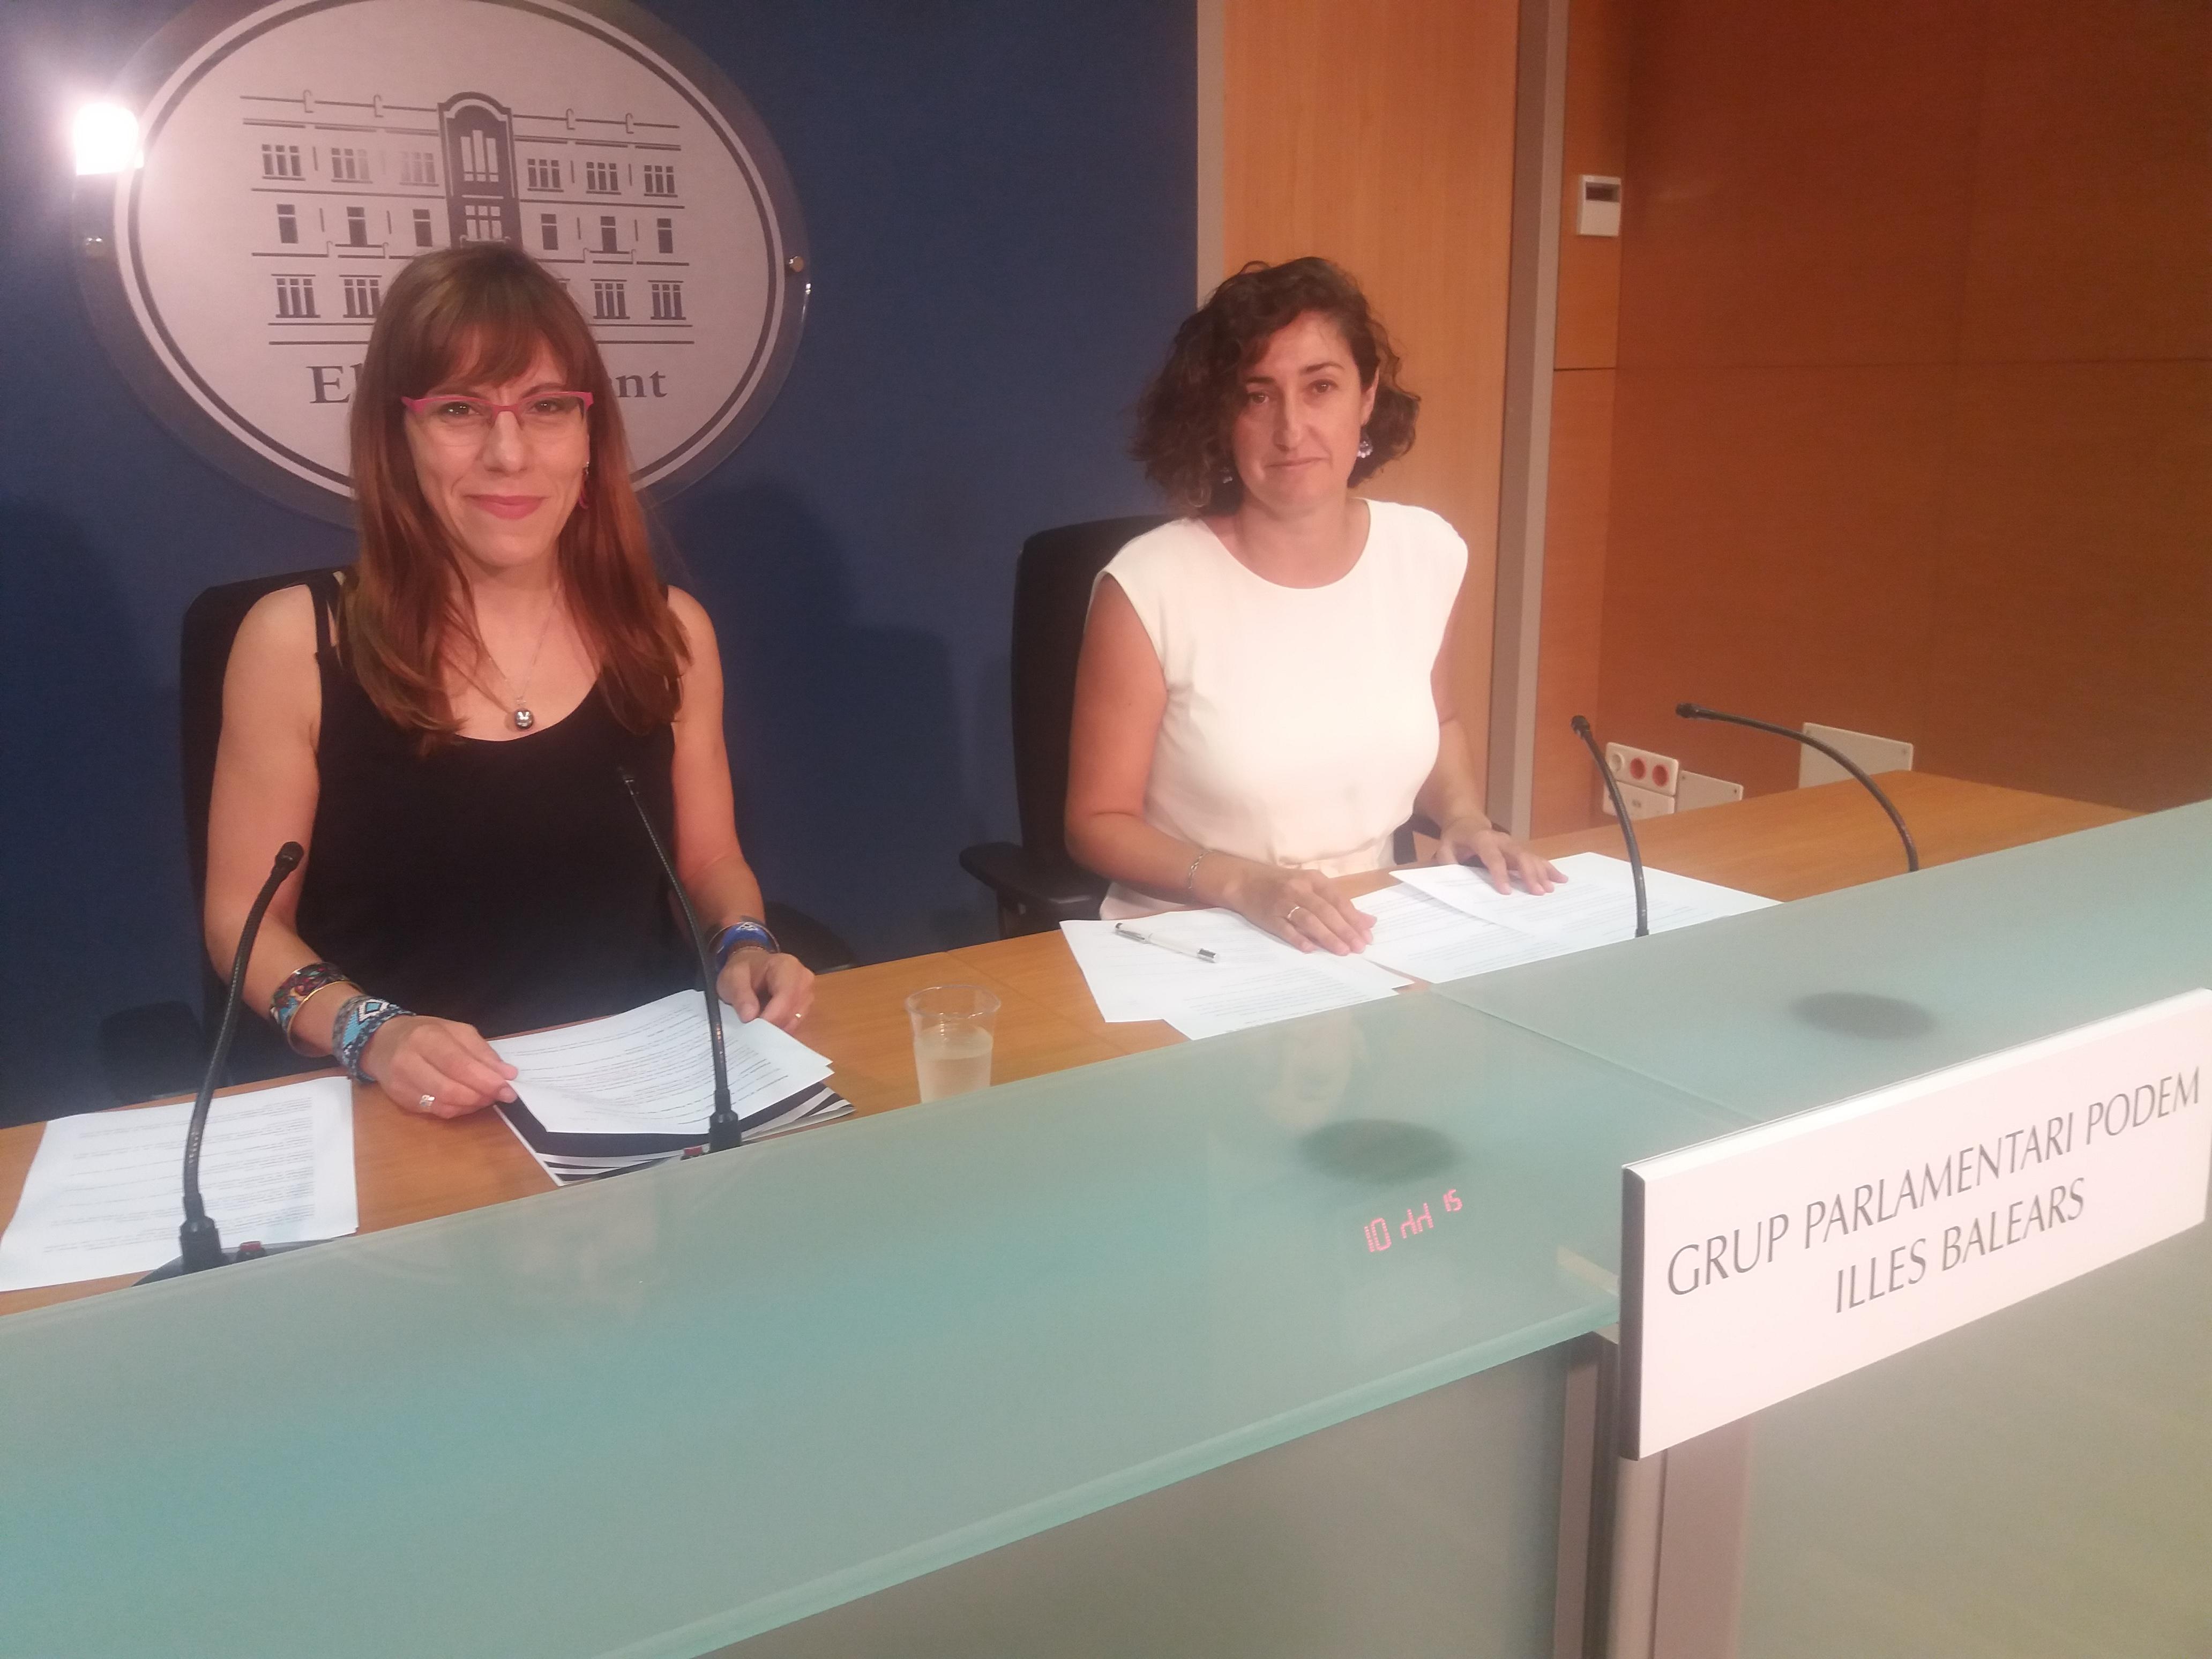 Laura Camargo y Marta Maicas, Parlamentarias de Podemos en las Islas Baleares